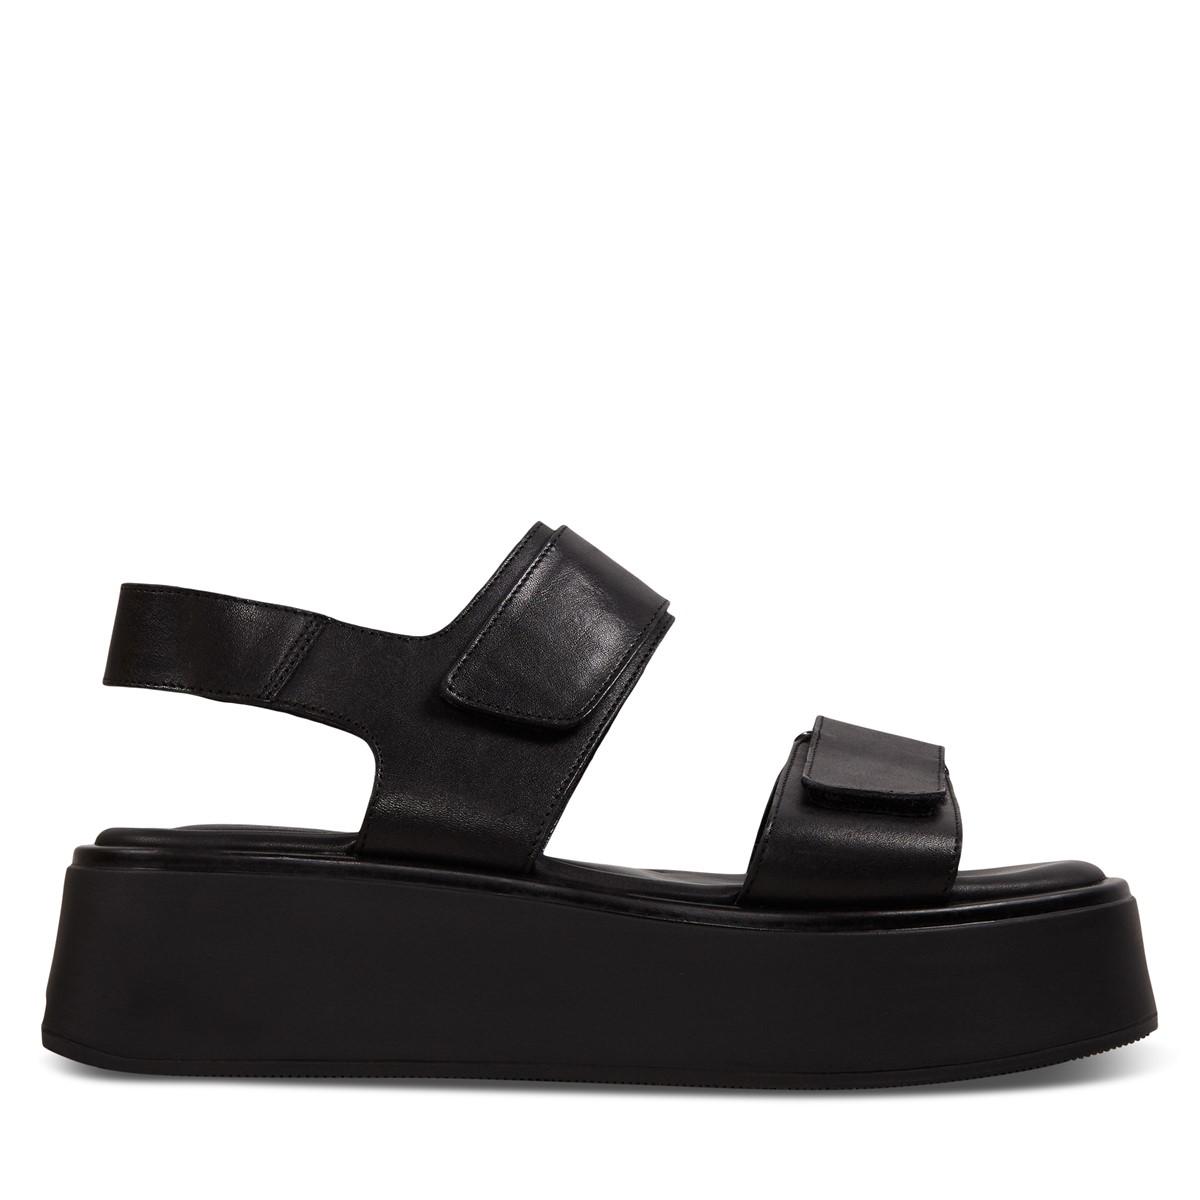 Women's Courtney Platform Sandals in Black